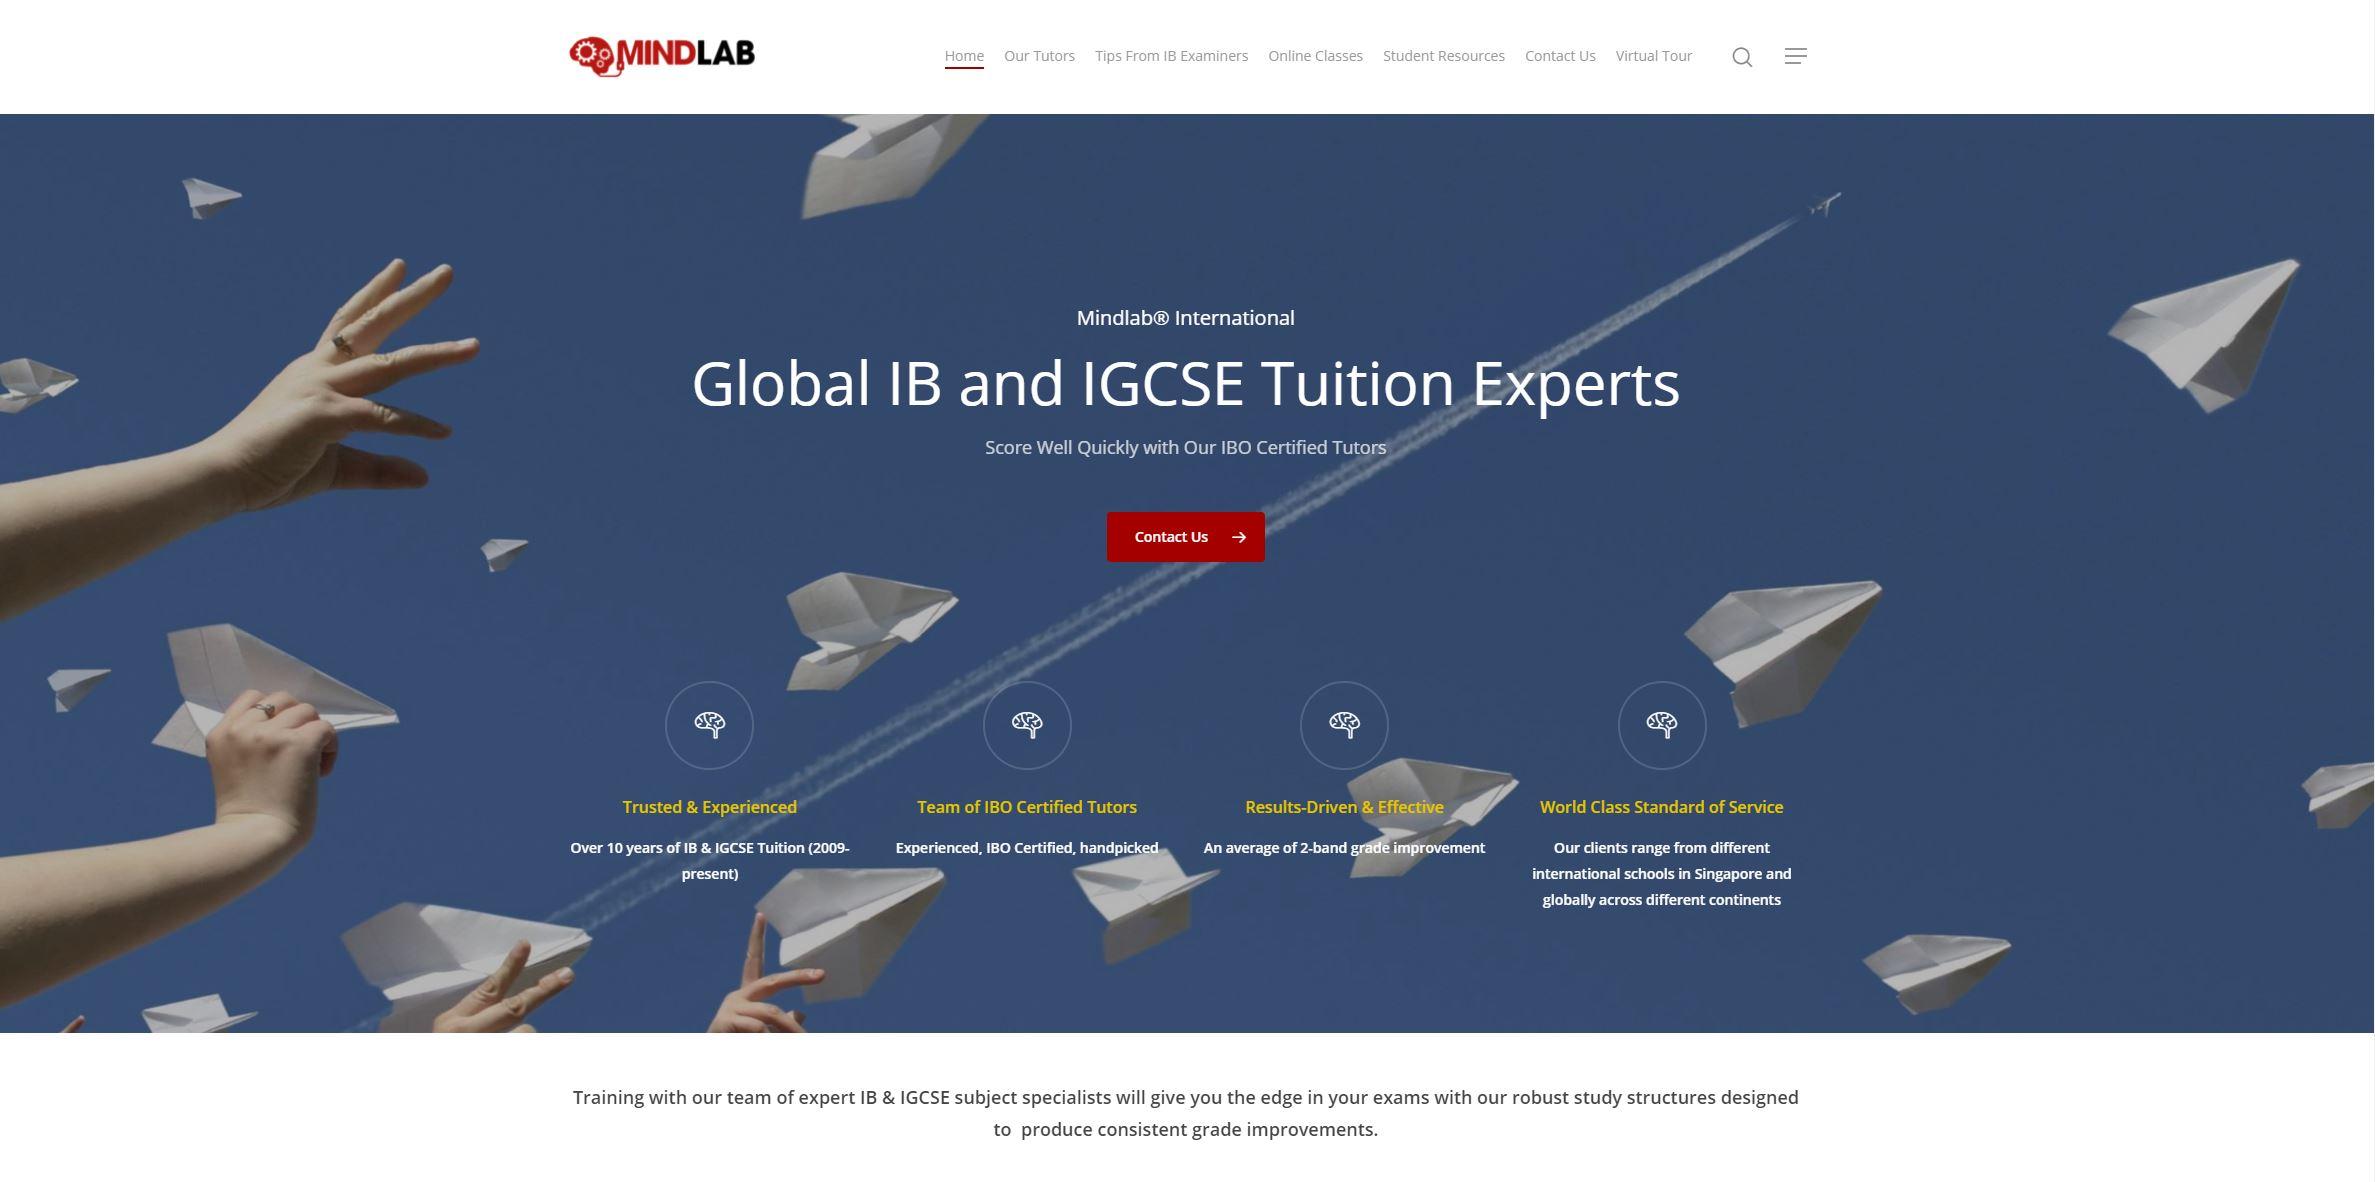 MindLab International IB Tuition